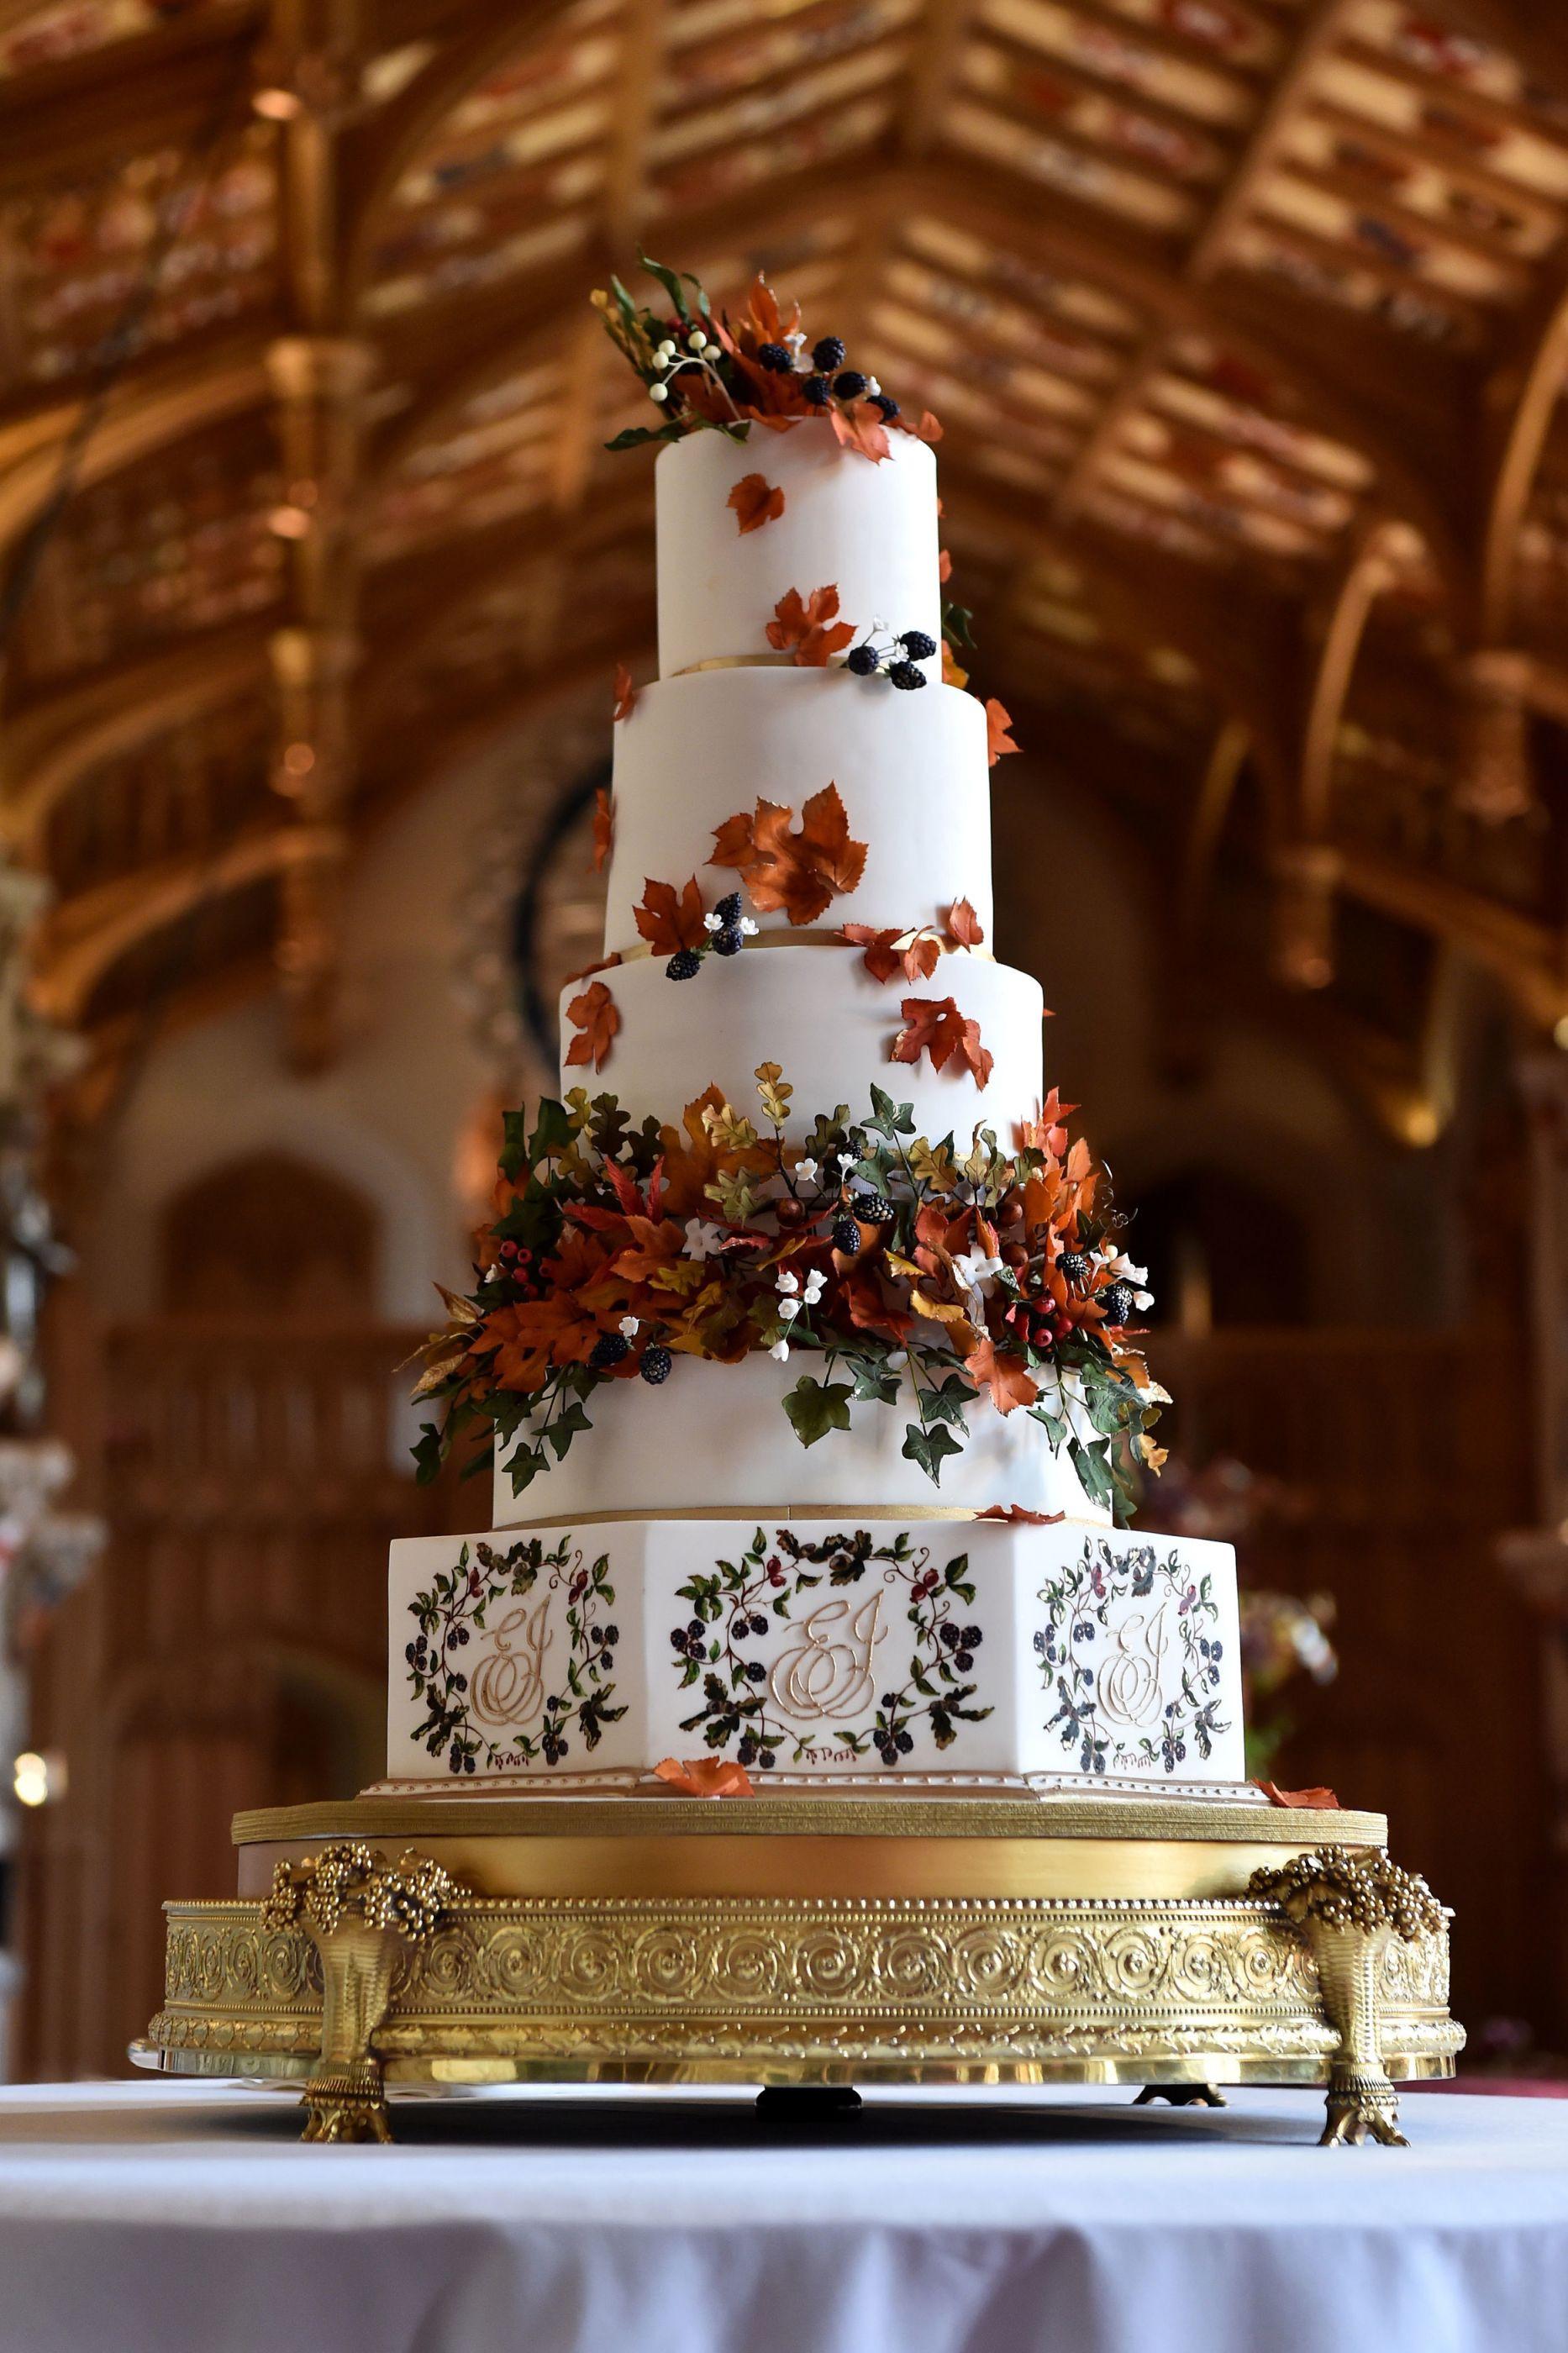 Reveladas imagens do bolo de casamento da princesa Eugenie